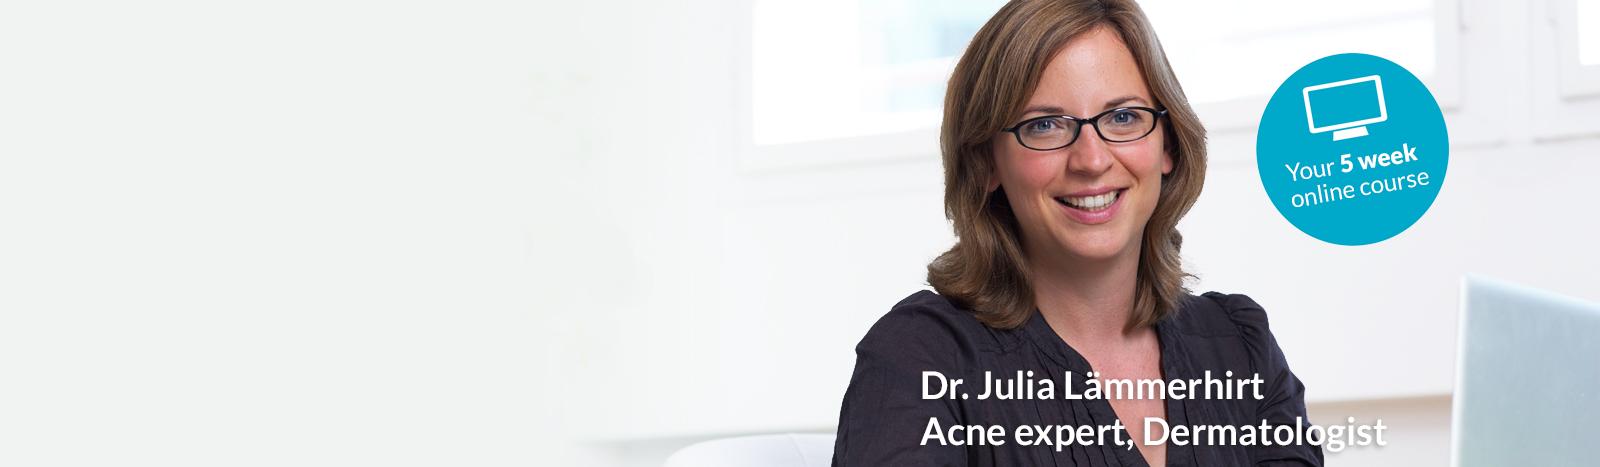 Acne expert Julia Lämmerhirt